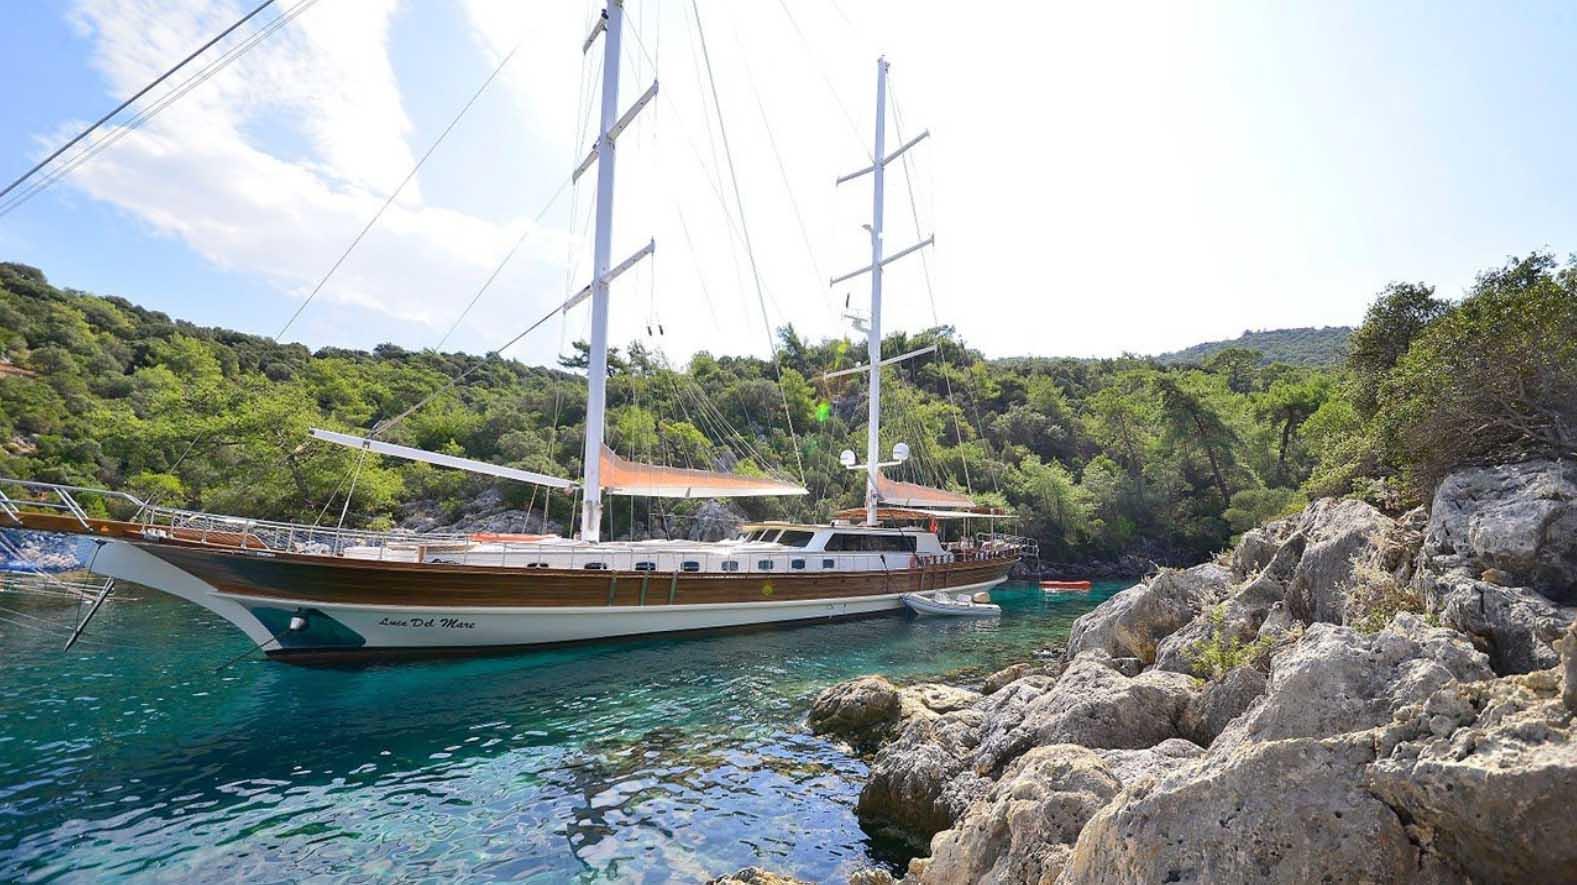 location bateau Luce Del Mare